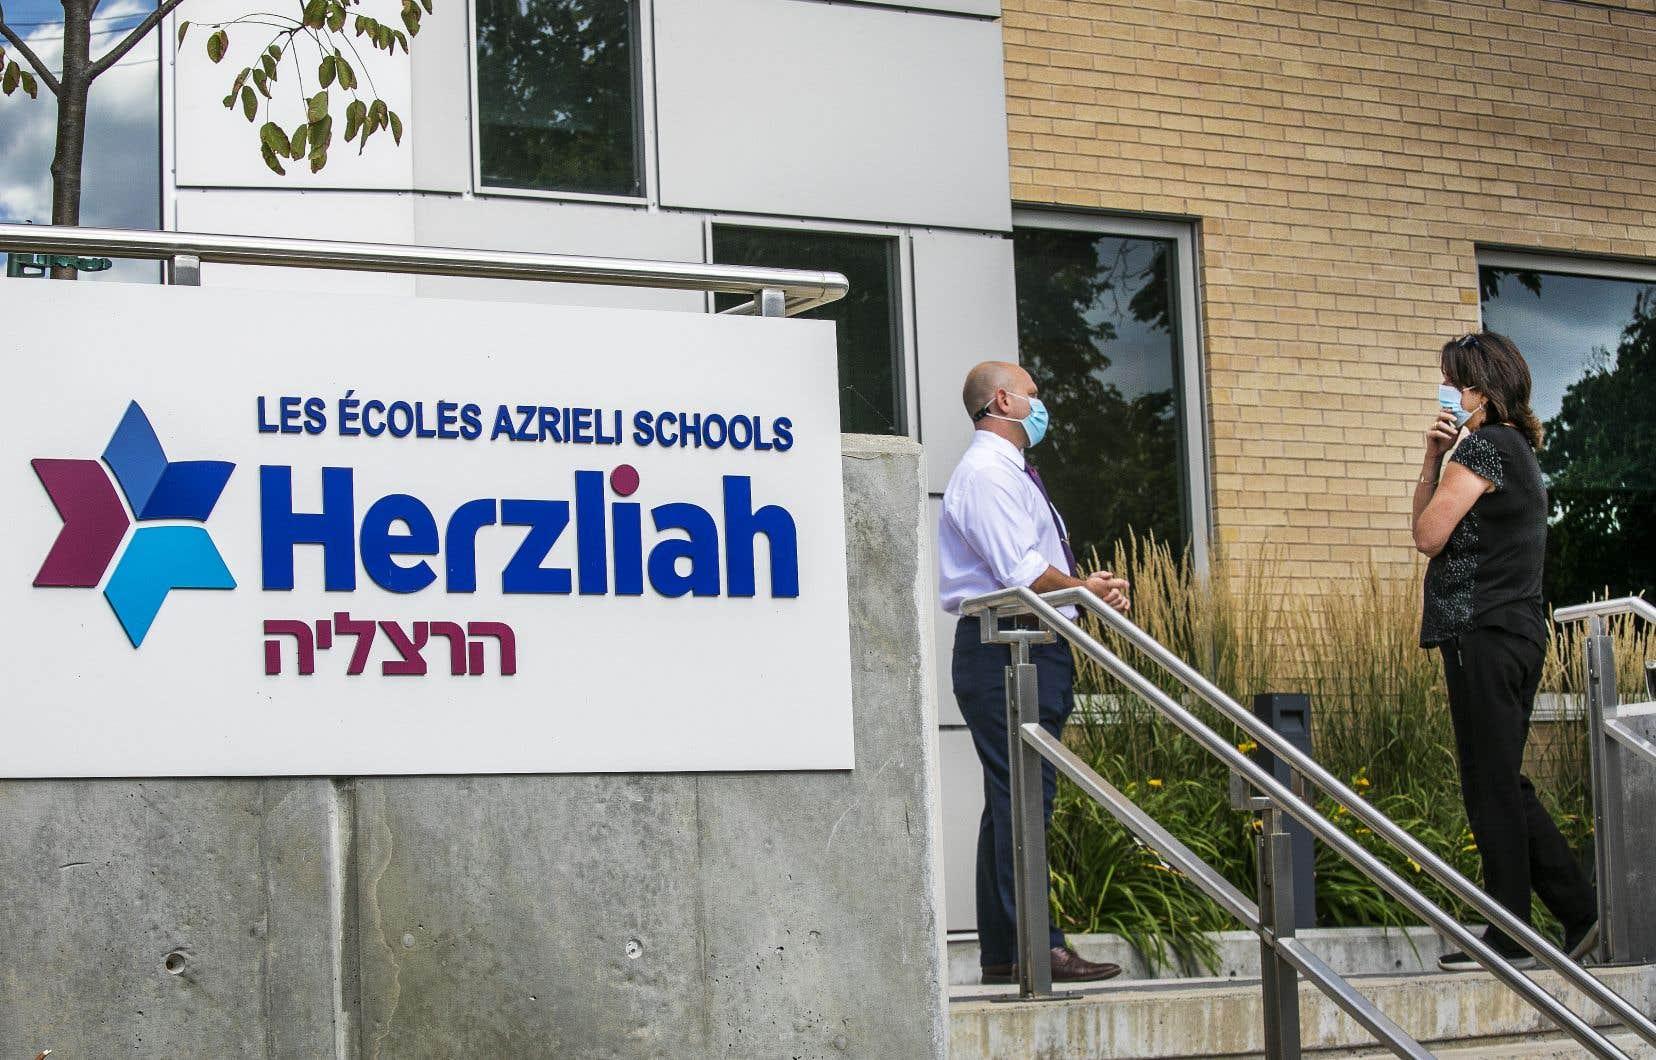 Les cas de COVID-19 se sont multipliés depuis la fête du Travail à l'école Herzliah, située à Côte-desNeiges. La direction de l'établissement et la Santé publique de Montréal ont convenu qu'il était donc préférable de renvoyer tout le monde à la maison pour deux semaines.